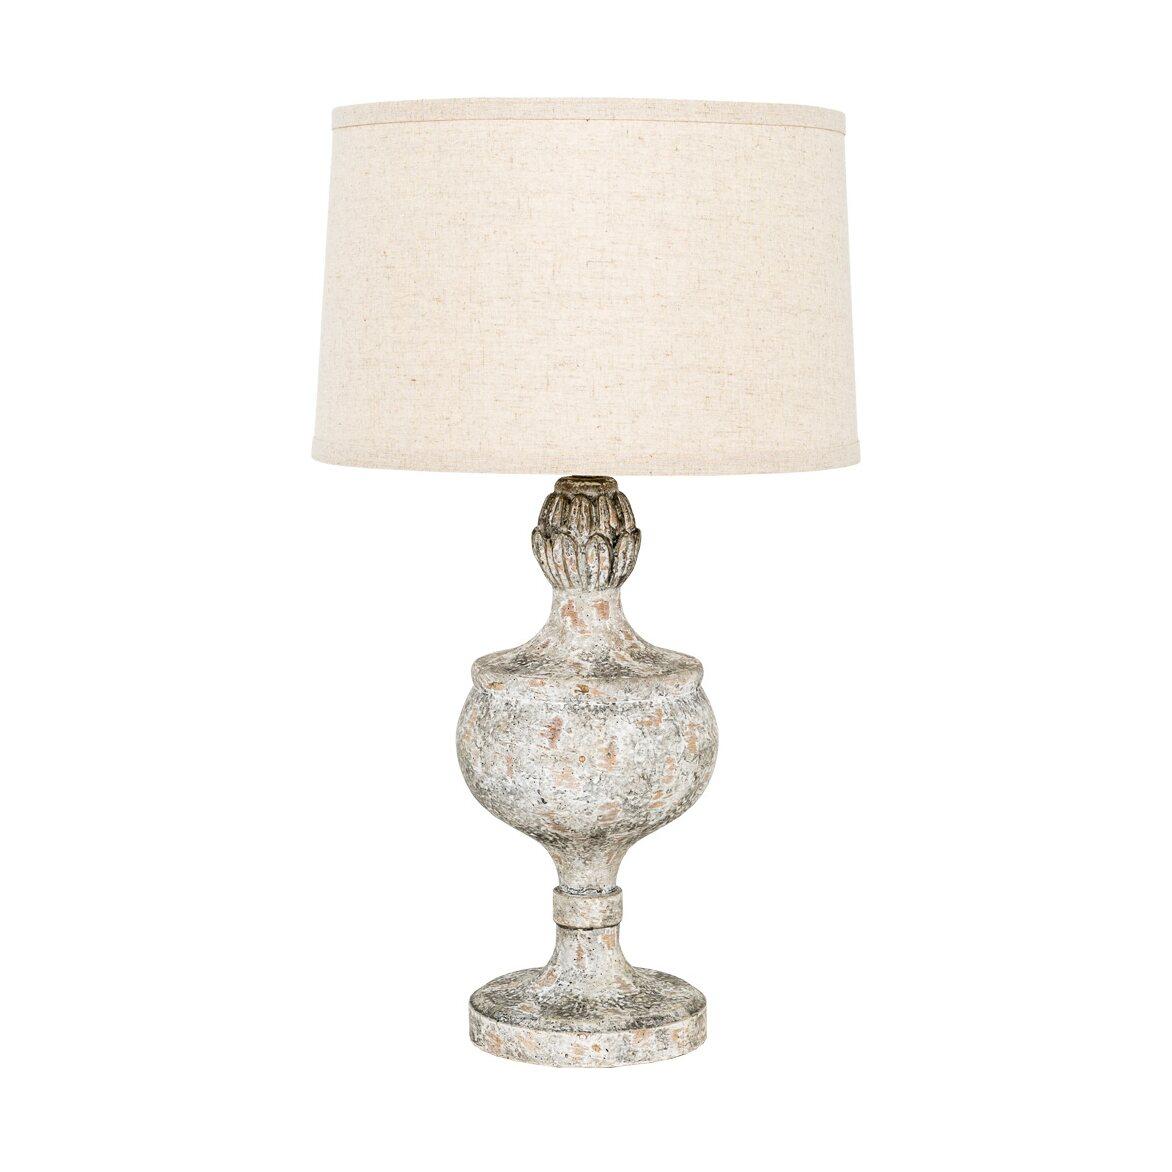 Настольная лампа «Сюбиз» | Настольные лампы Kingsby